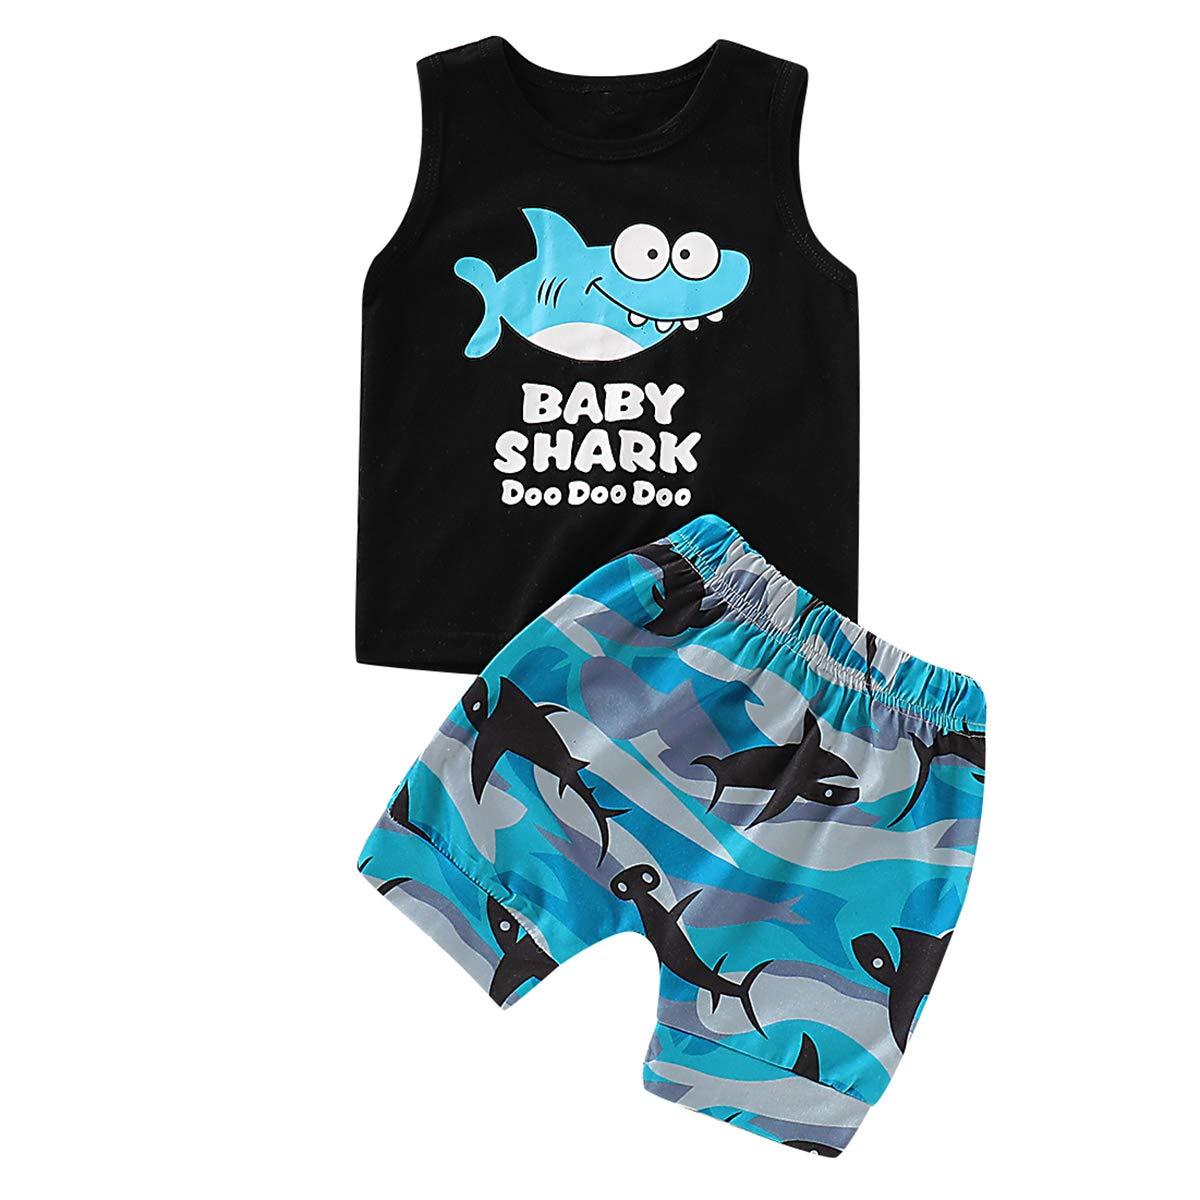 Shorts V/êtements D/ét/é Set Tianhaik 1-5Yrs Enfants B/éb/é Gar/çon Requin Imprim/é Outfit D/ébardeurs